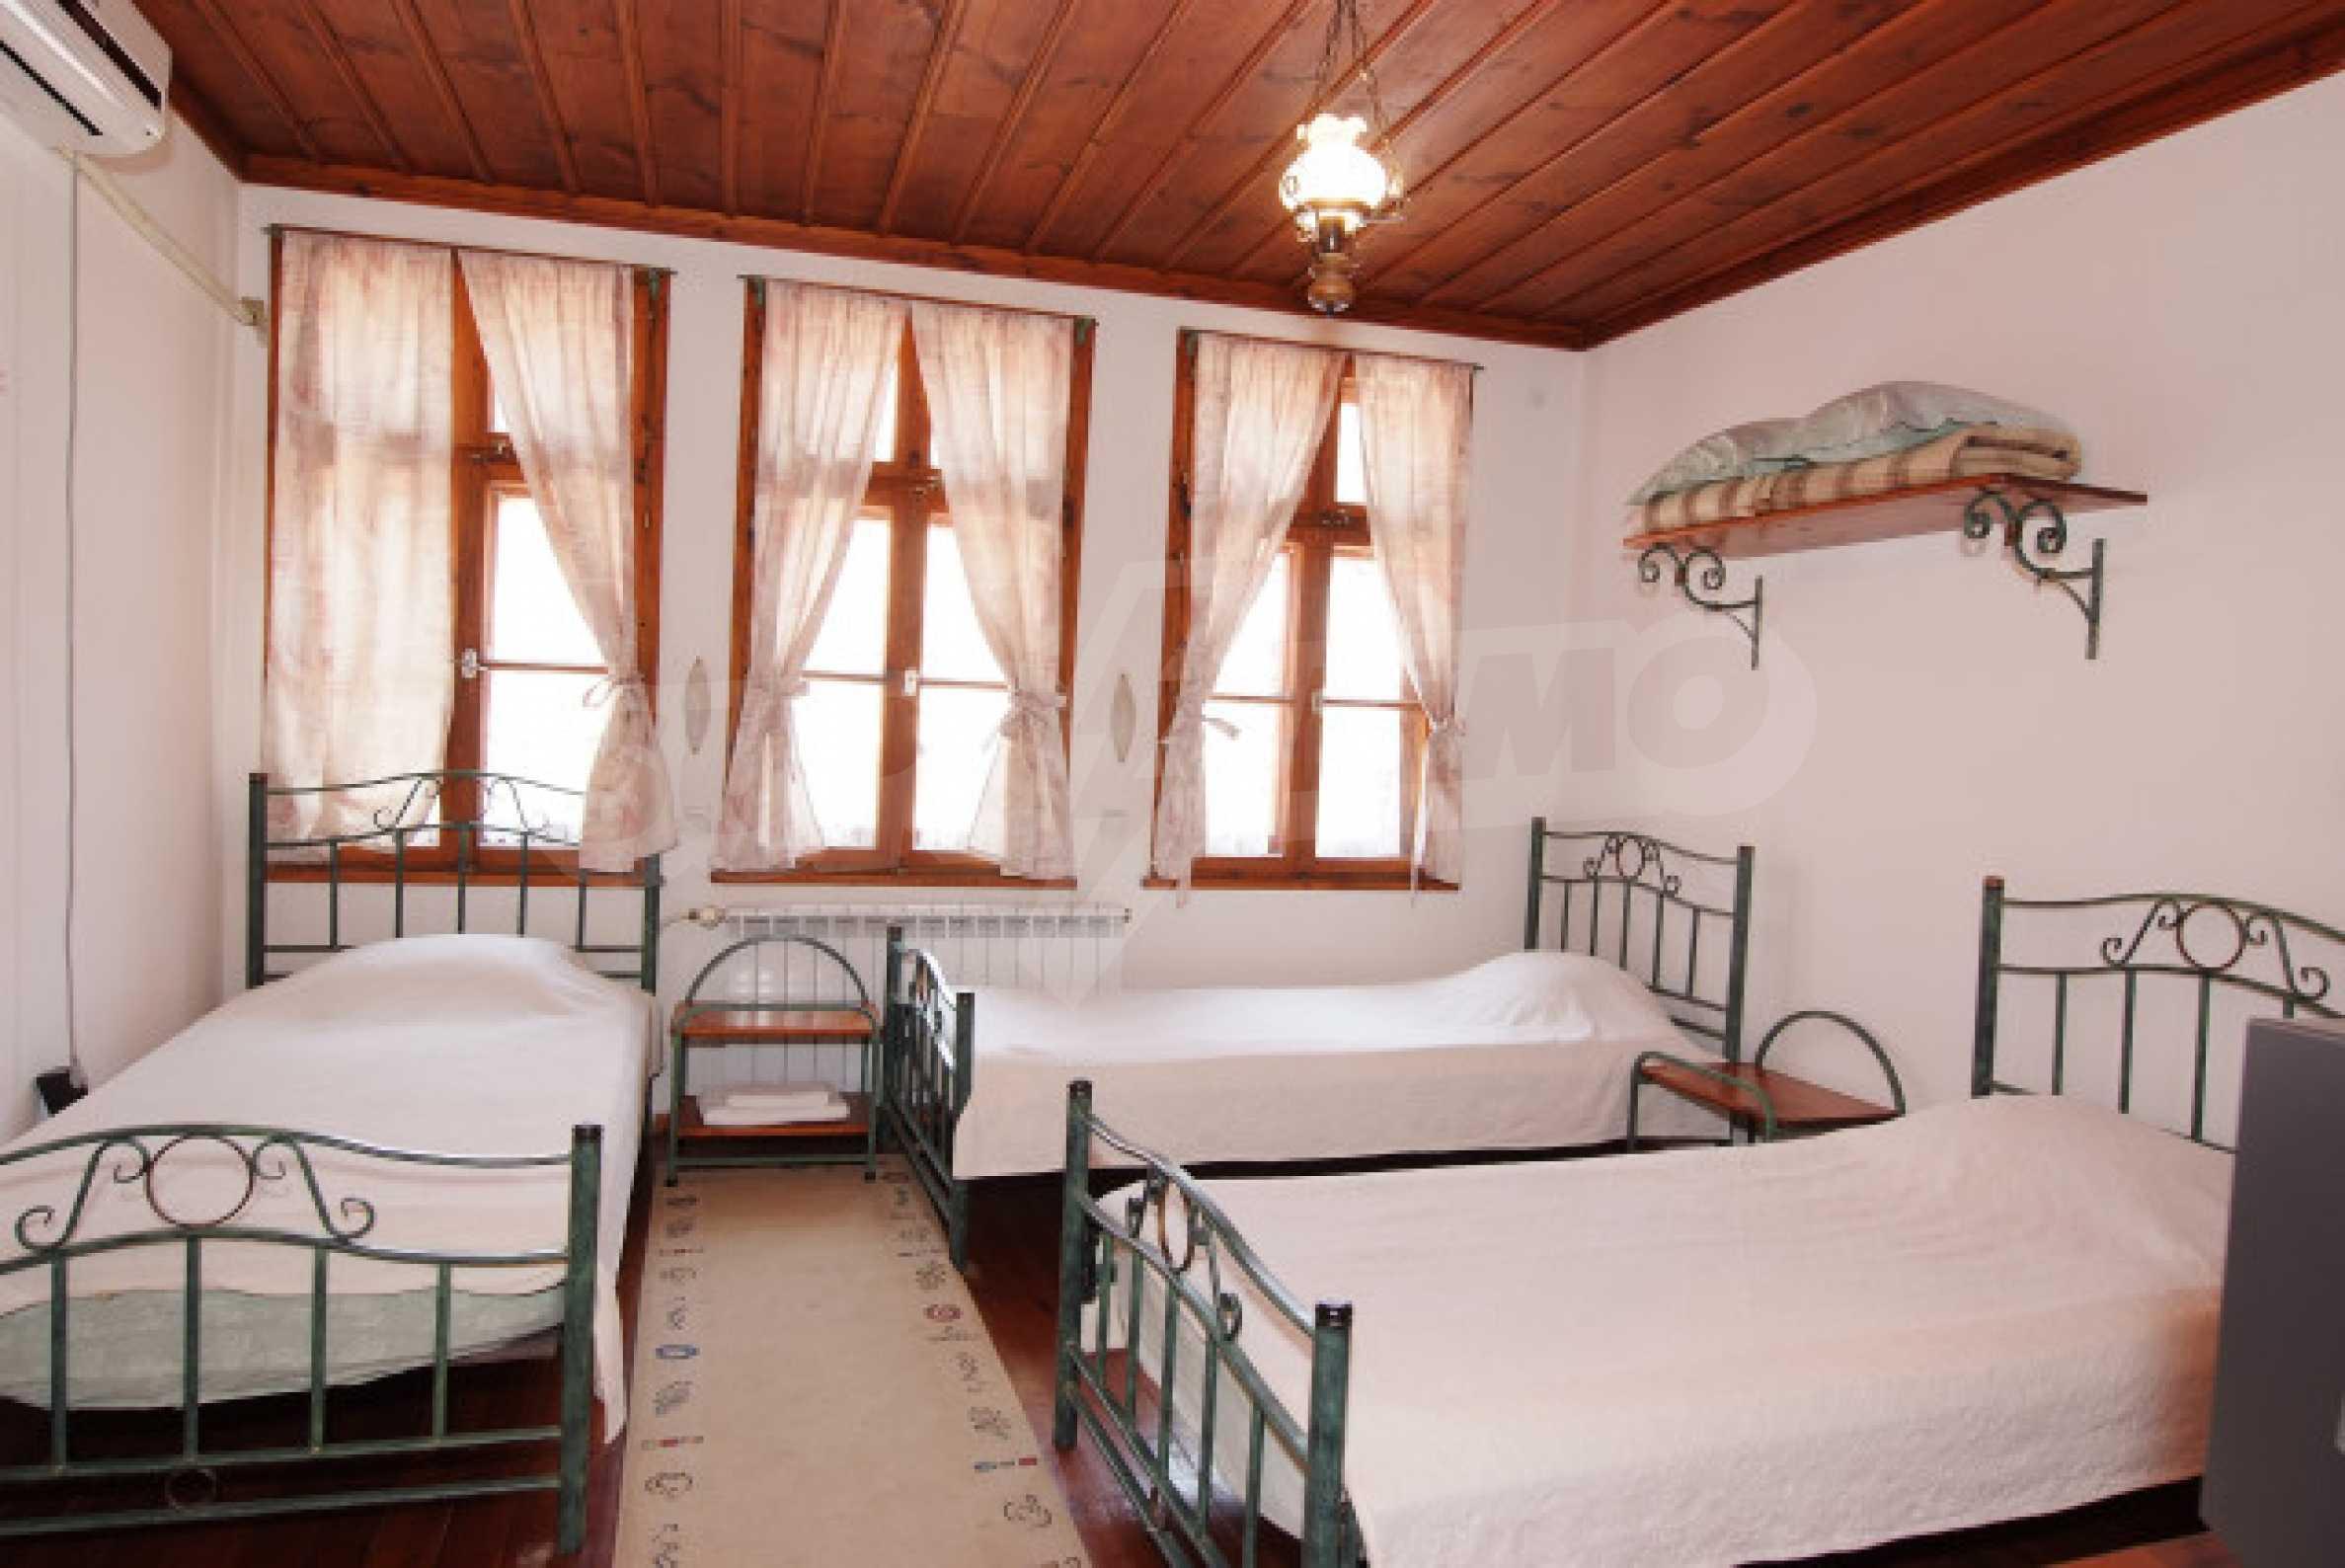 Гостиница, Отель в г. Мелник 13